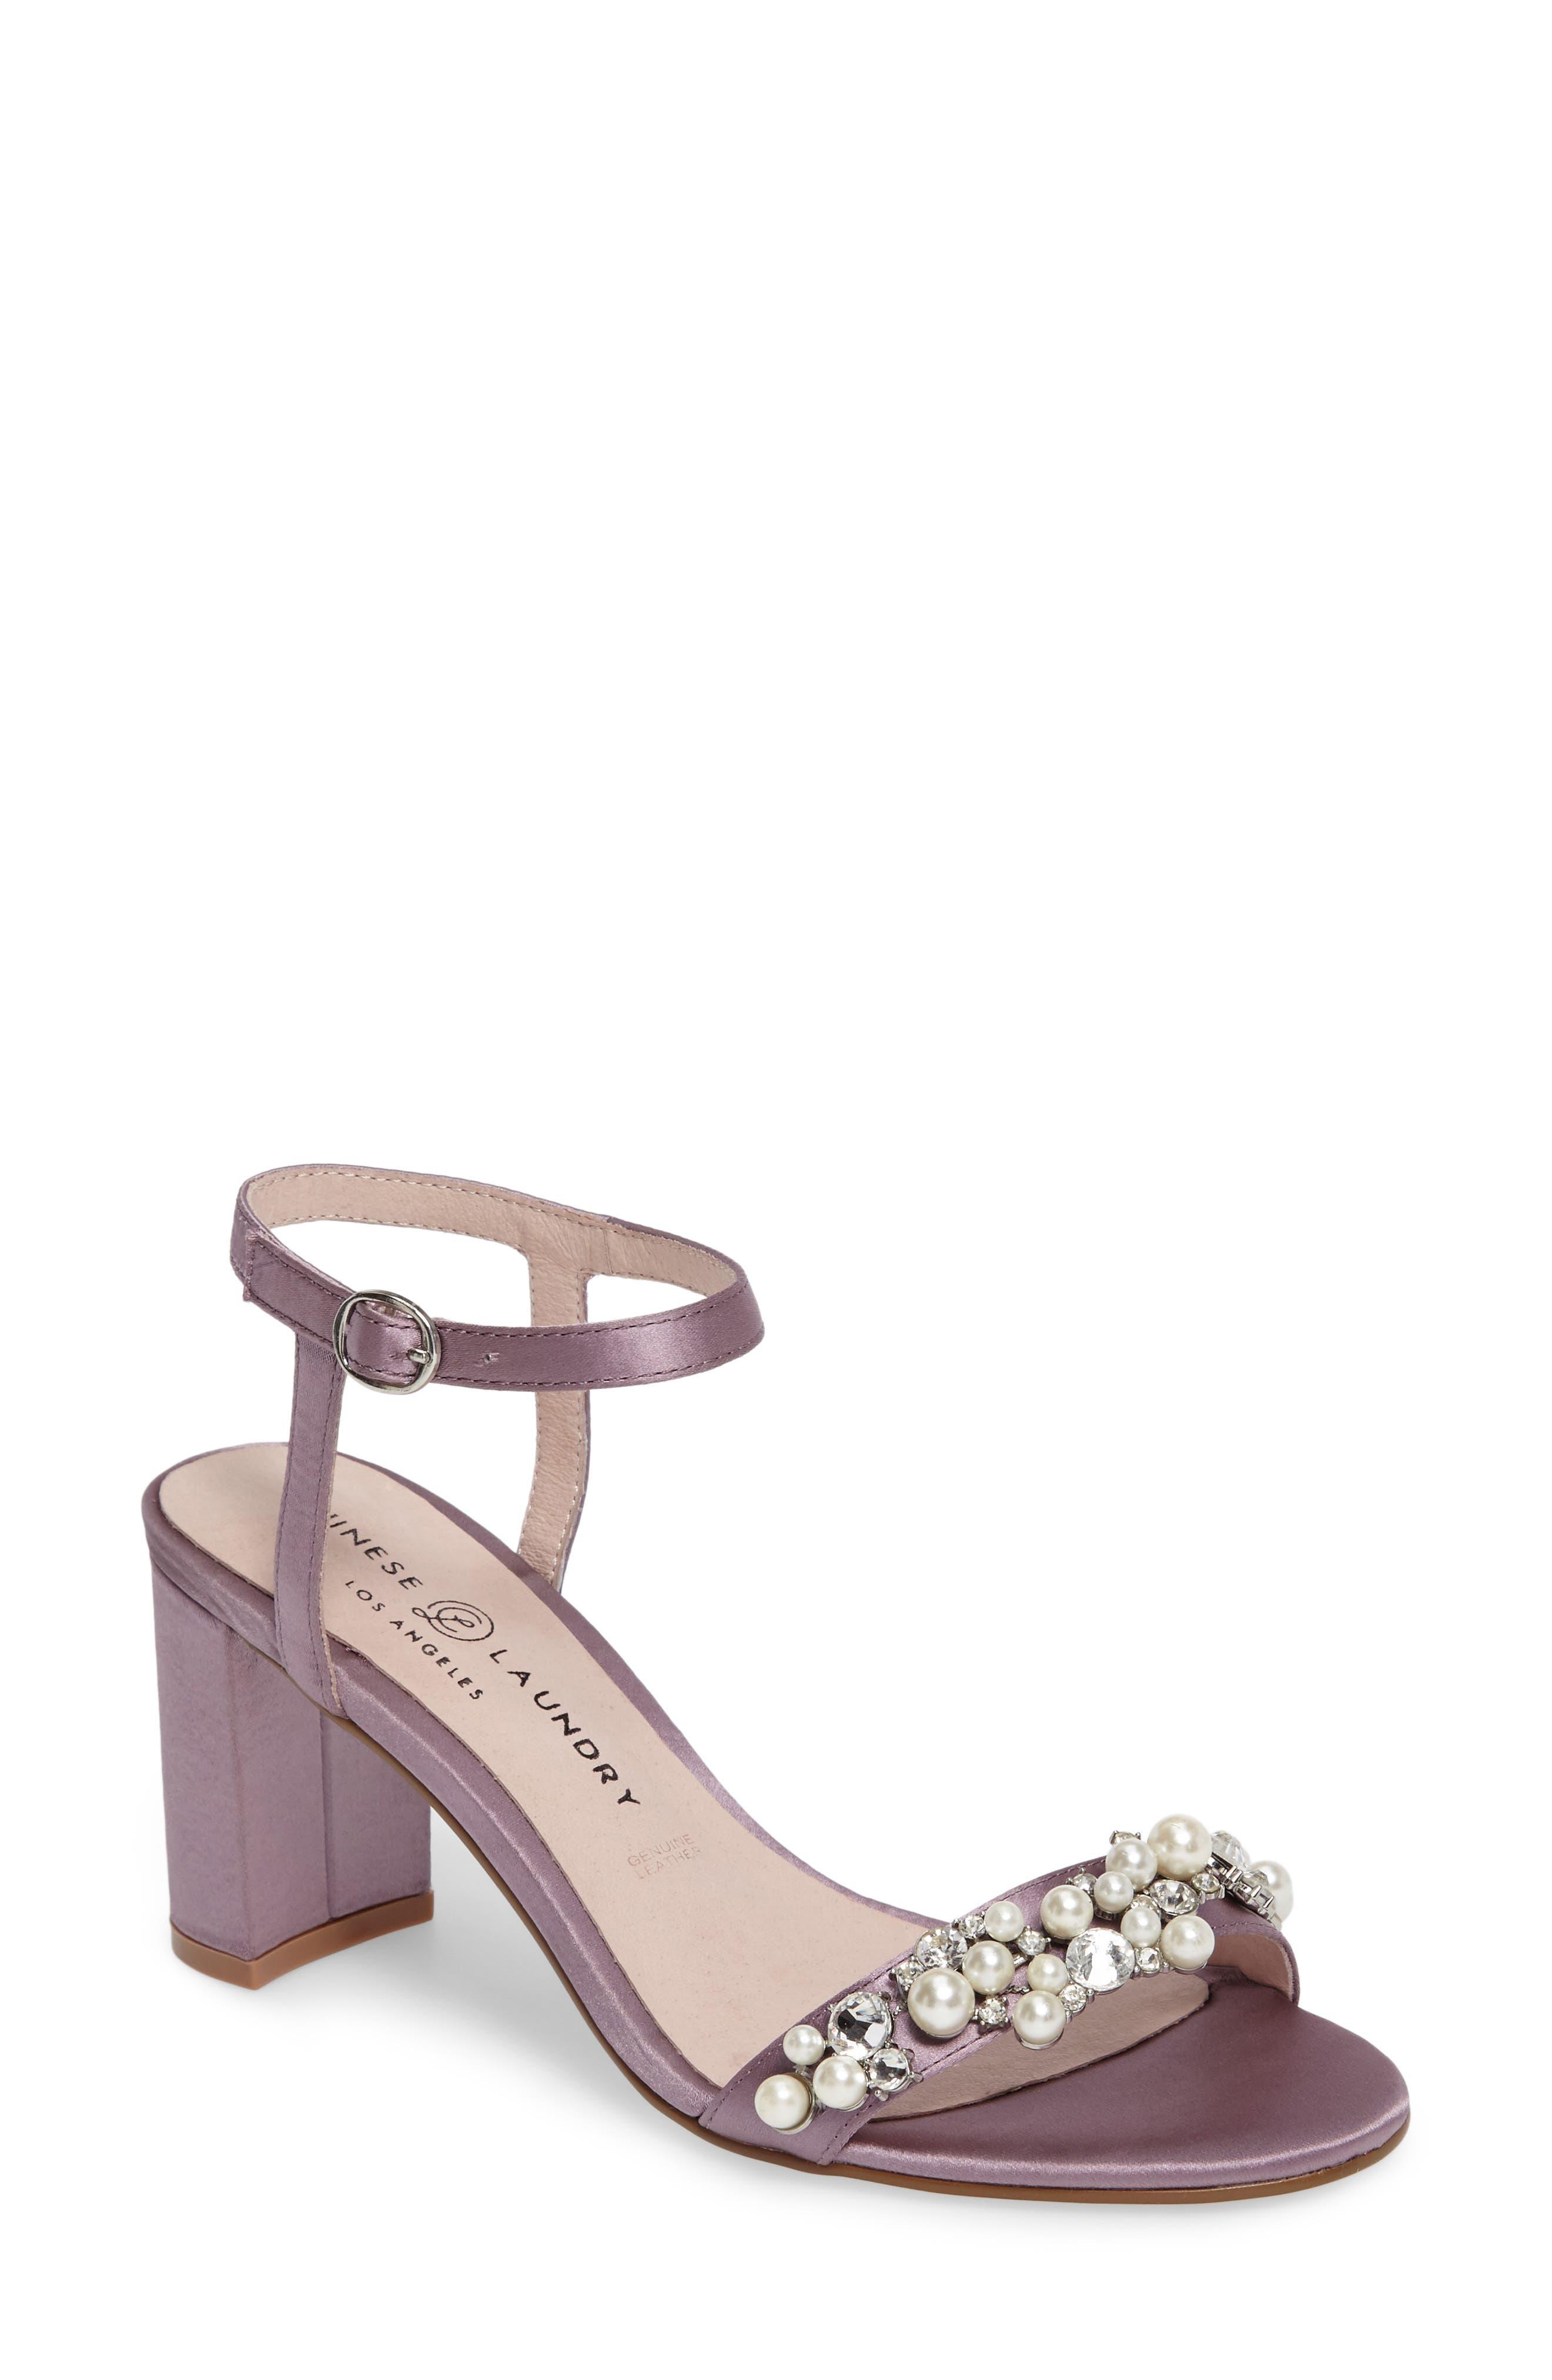 Alternate Image 1 Selected - Chinese Laundry Rosetta Embellished Sandal (Women)